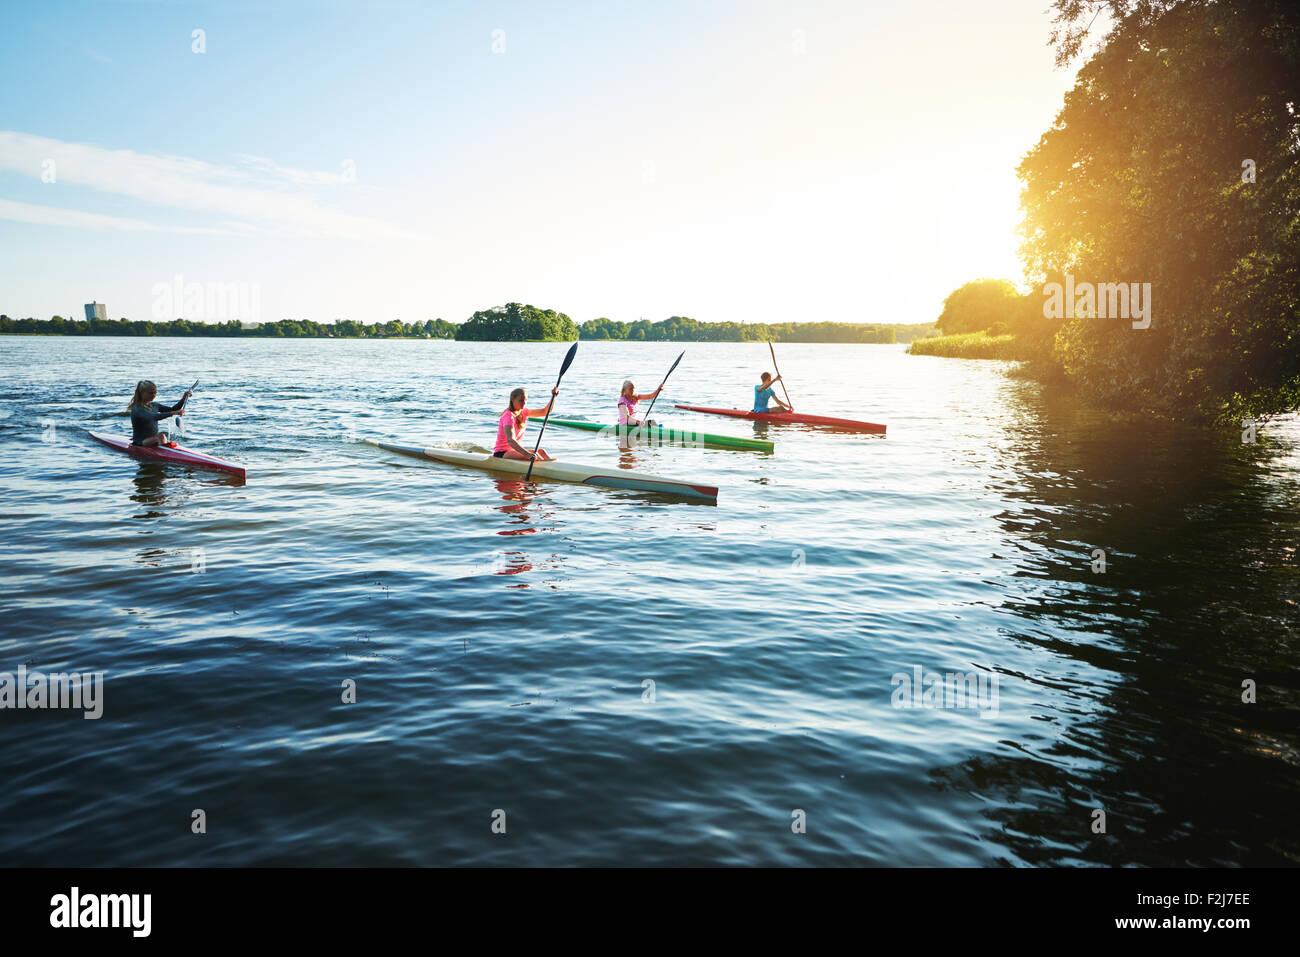 Equipe di Sports Kayak racing sul lago Immagini Stock